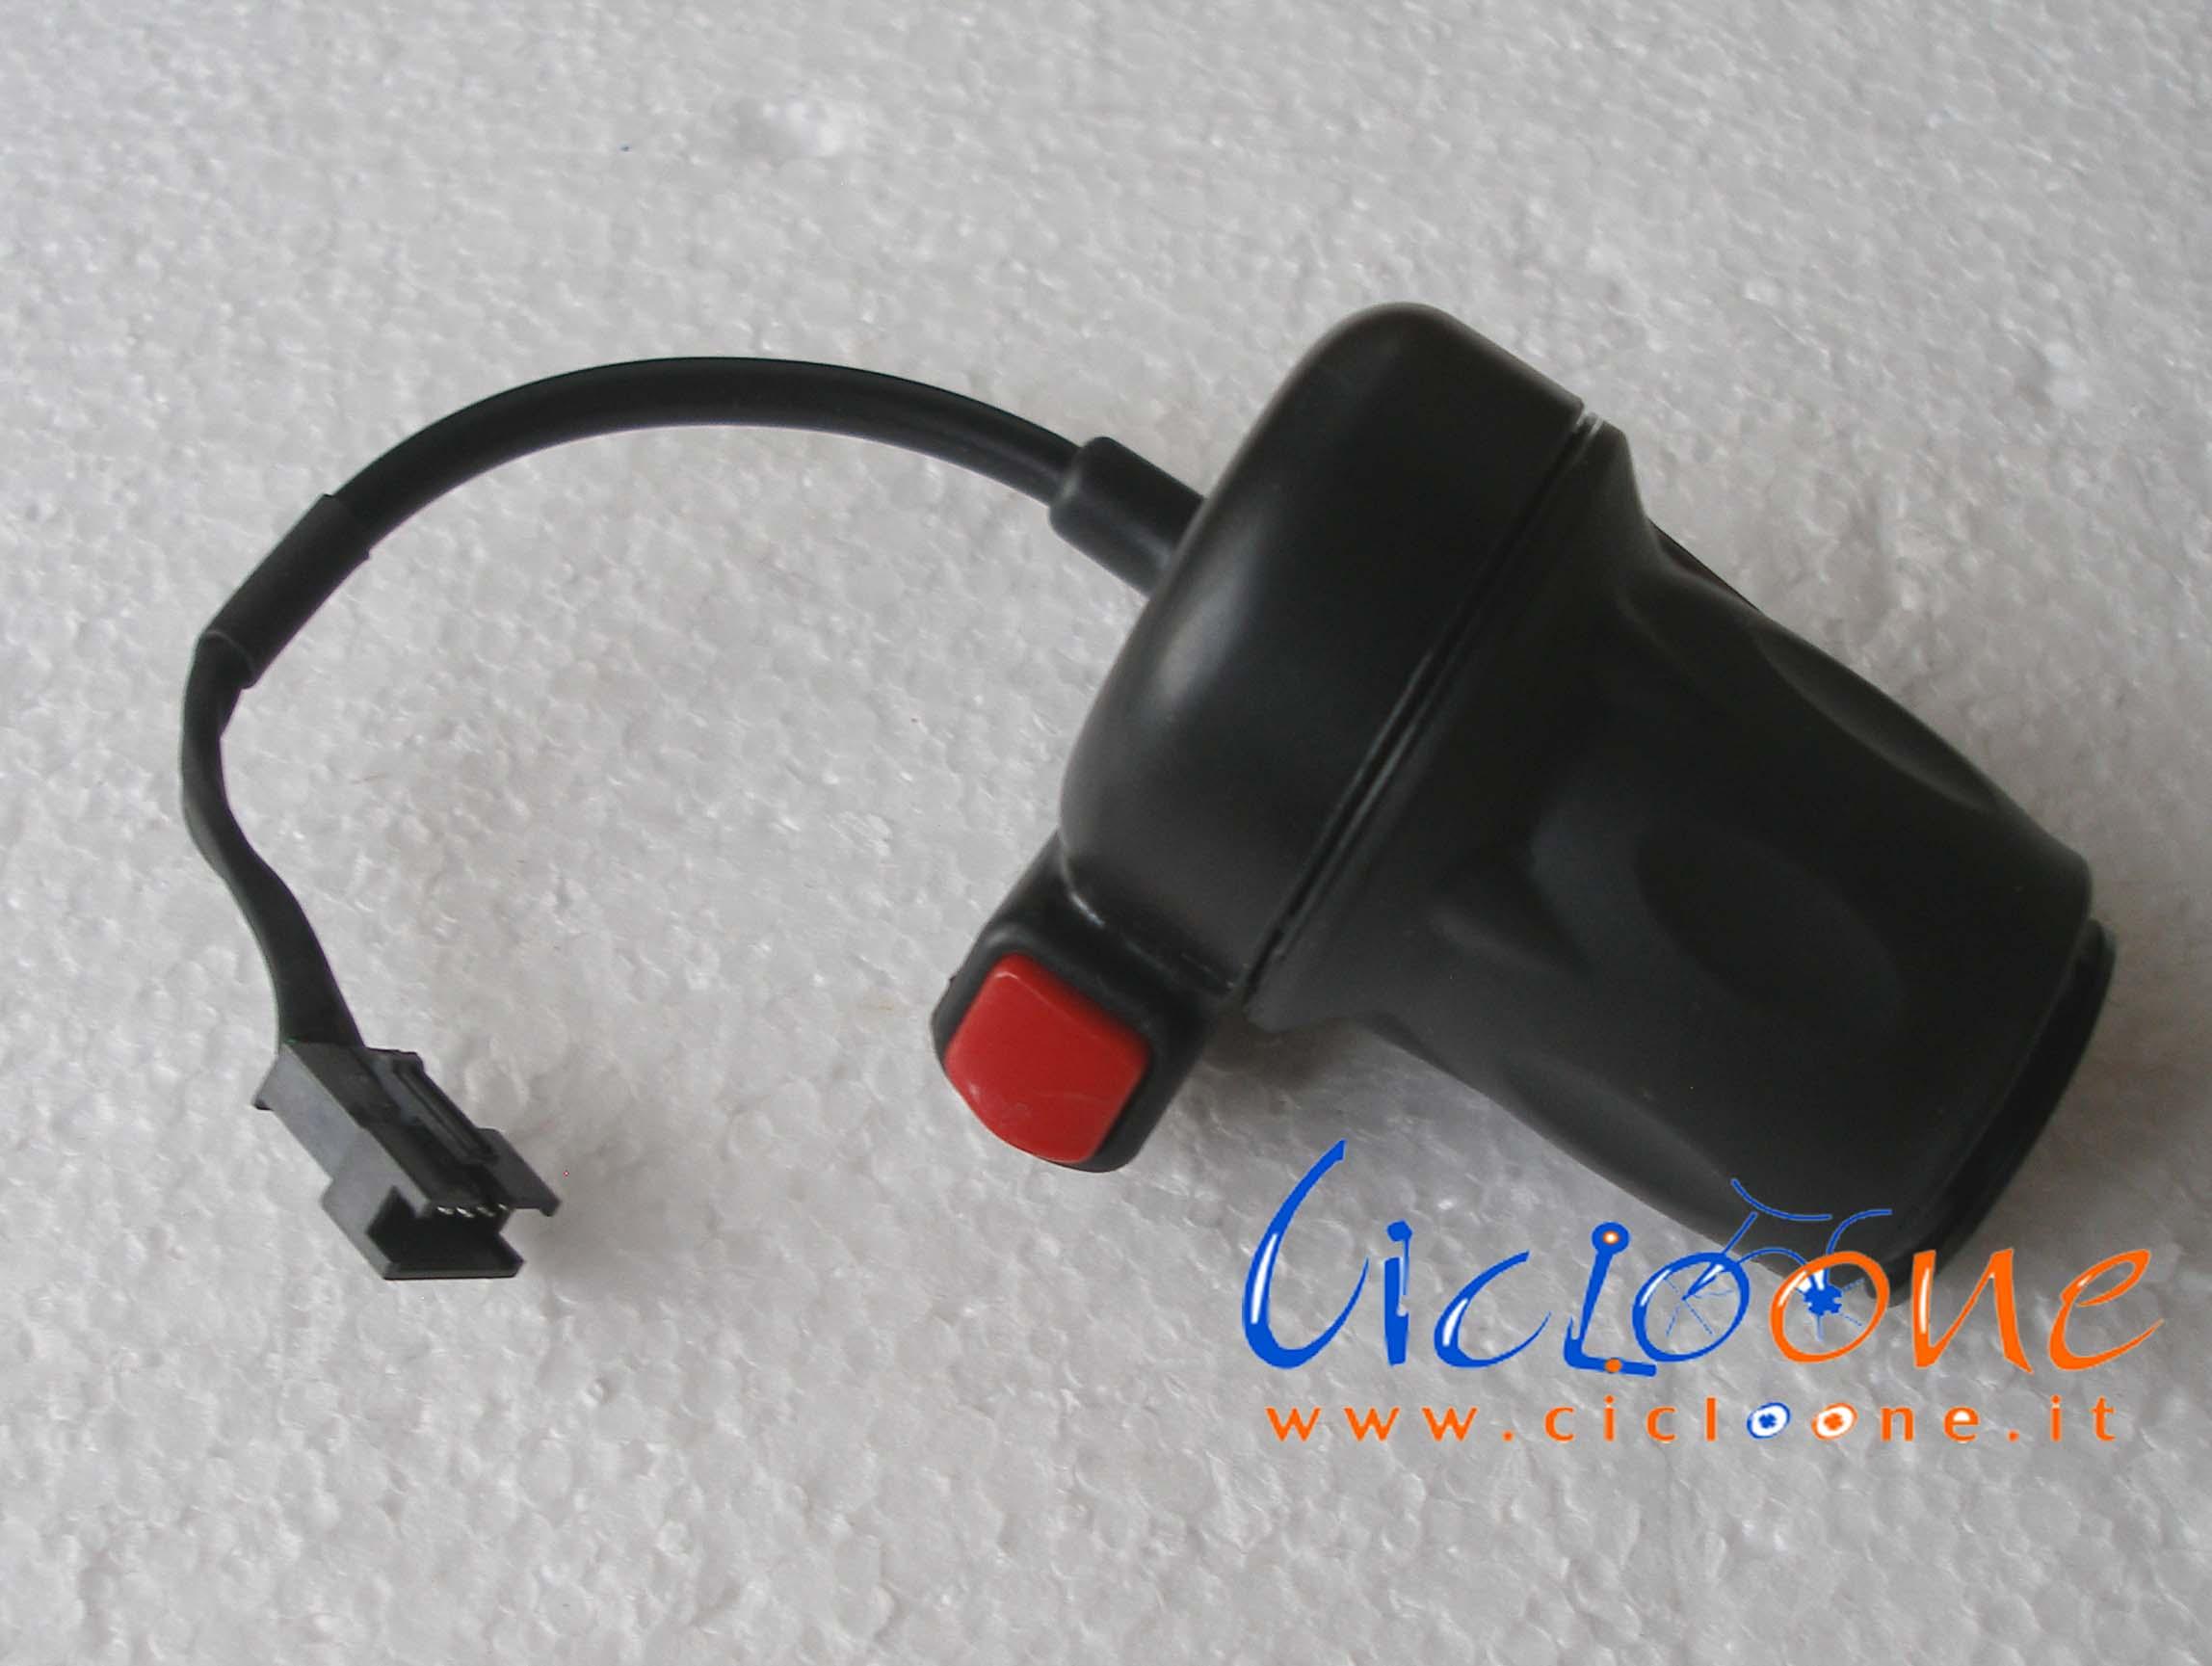 Acceleratore con pulsante bici elettrica a 5 fili